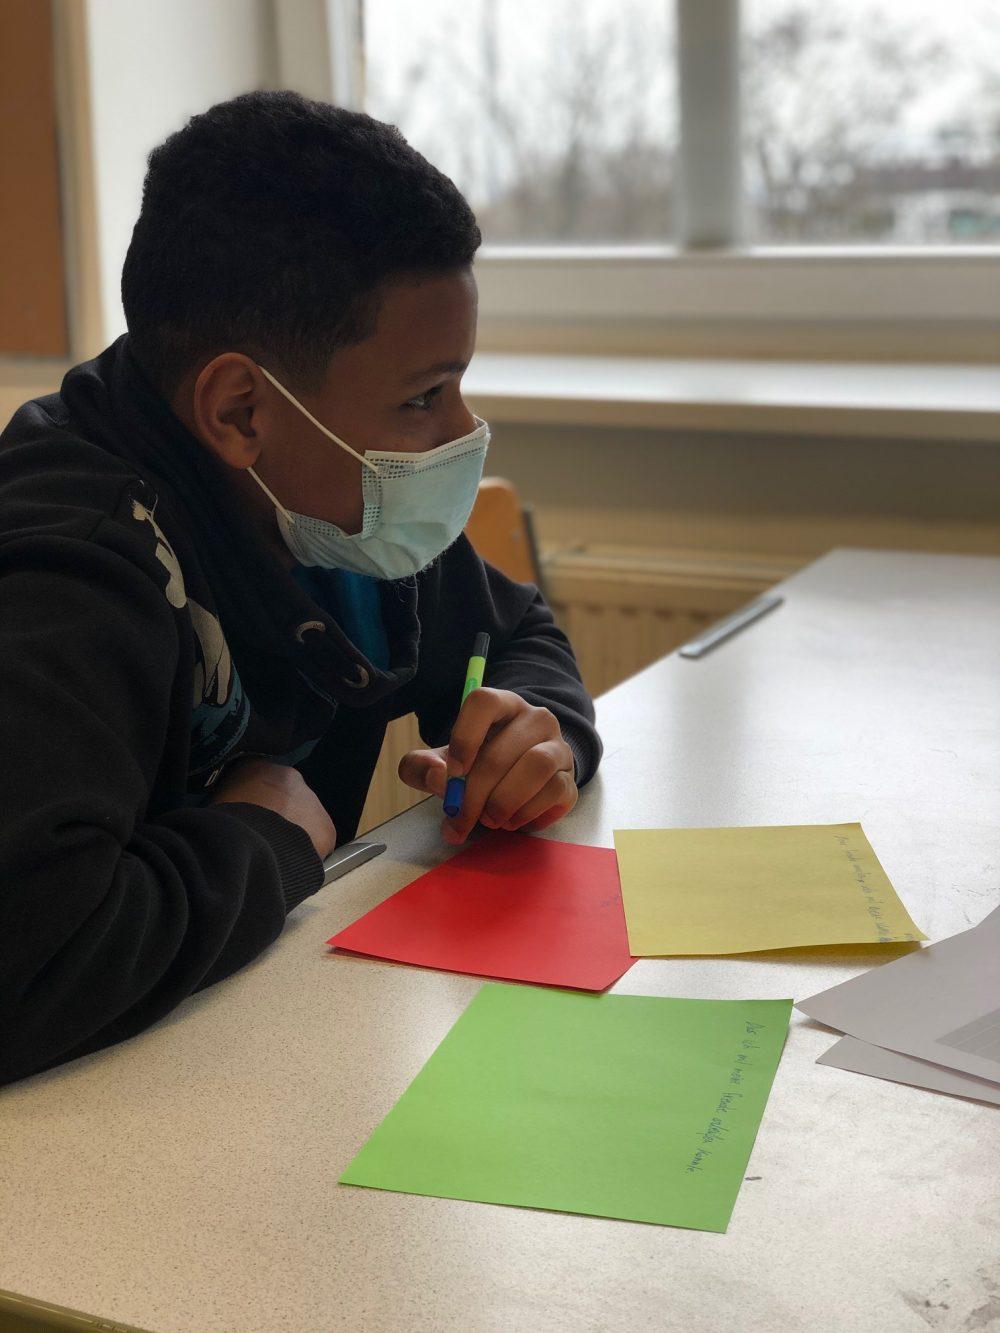 Jugedliche/r bereitet bunte Zettel für eine Plakatwadn vor